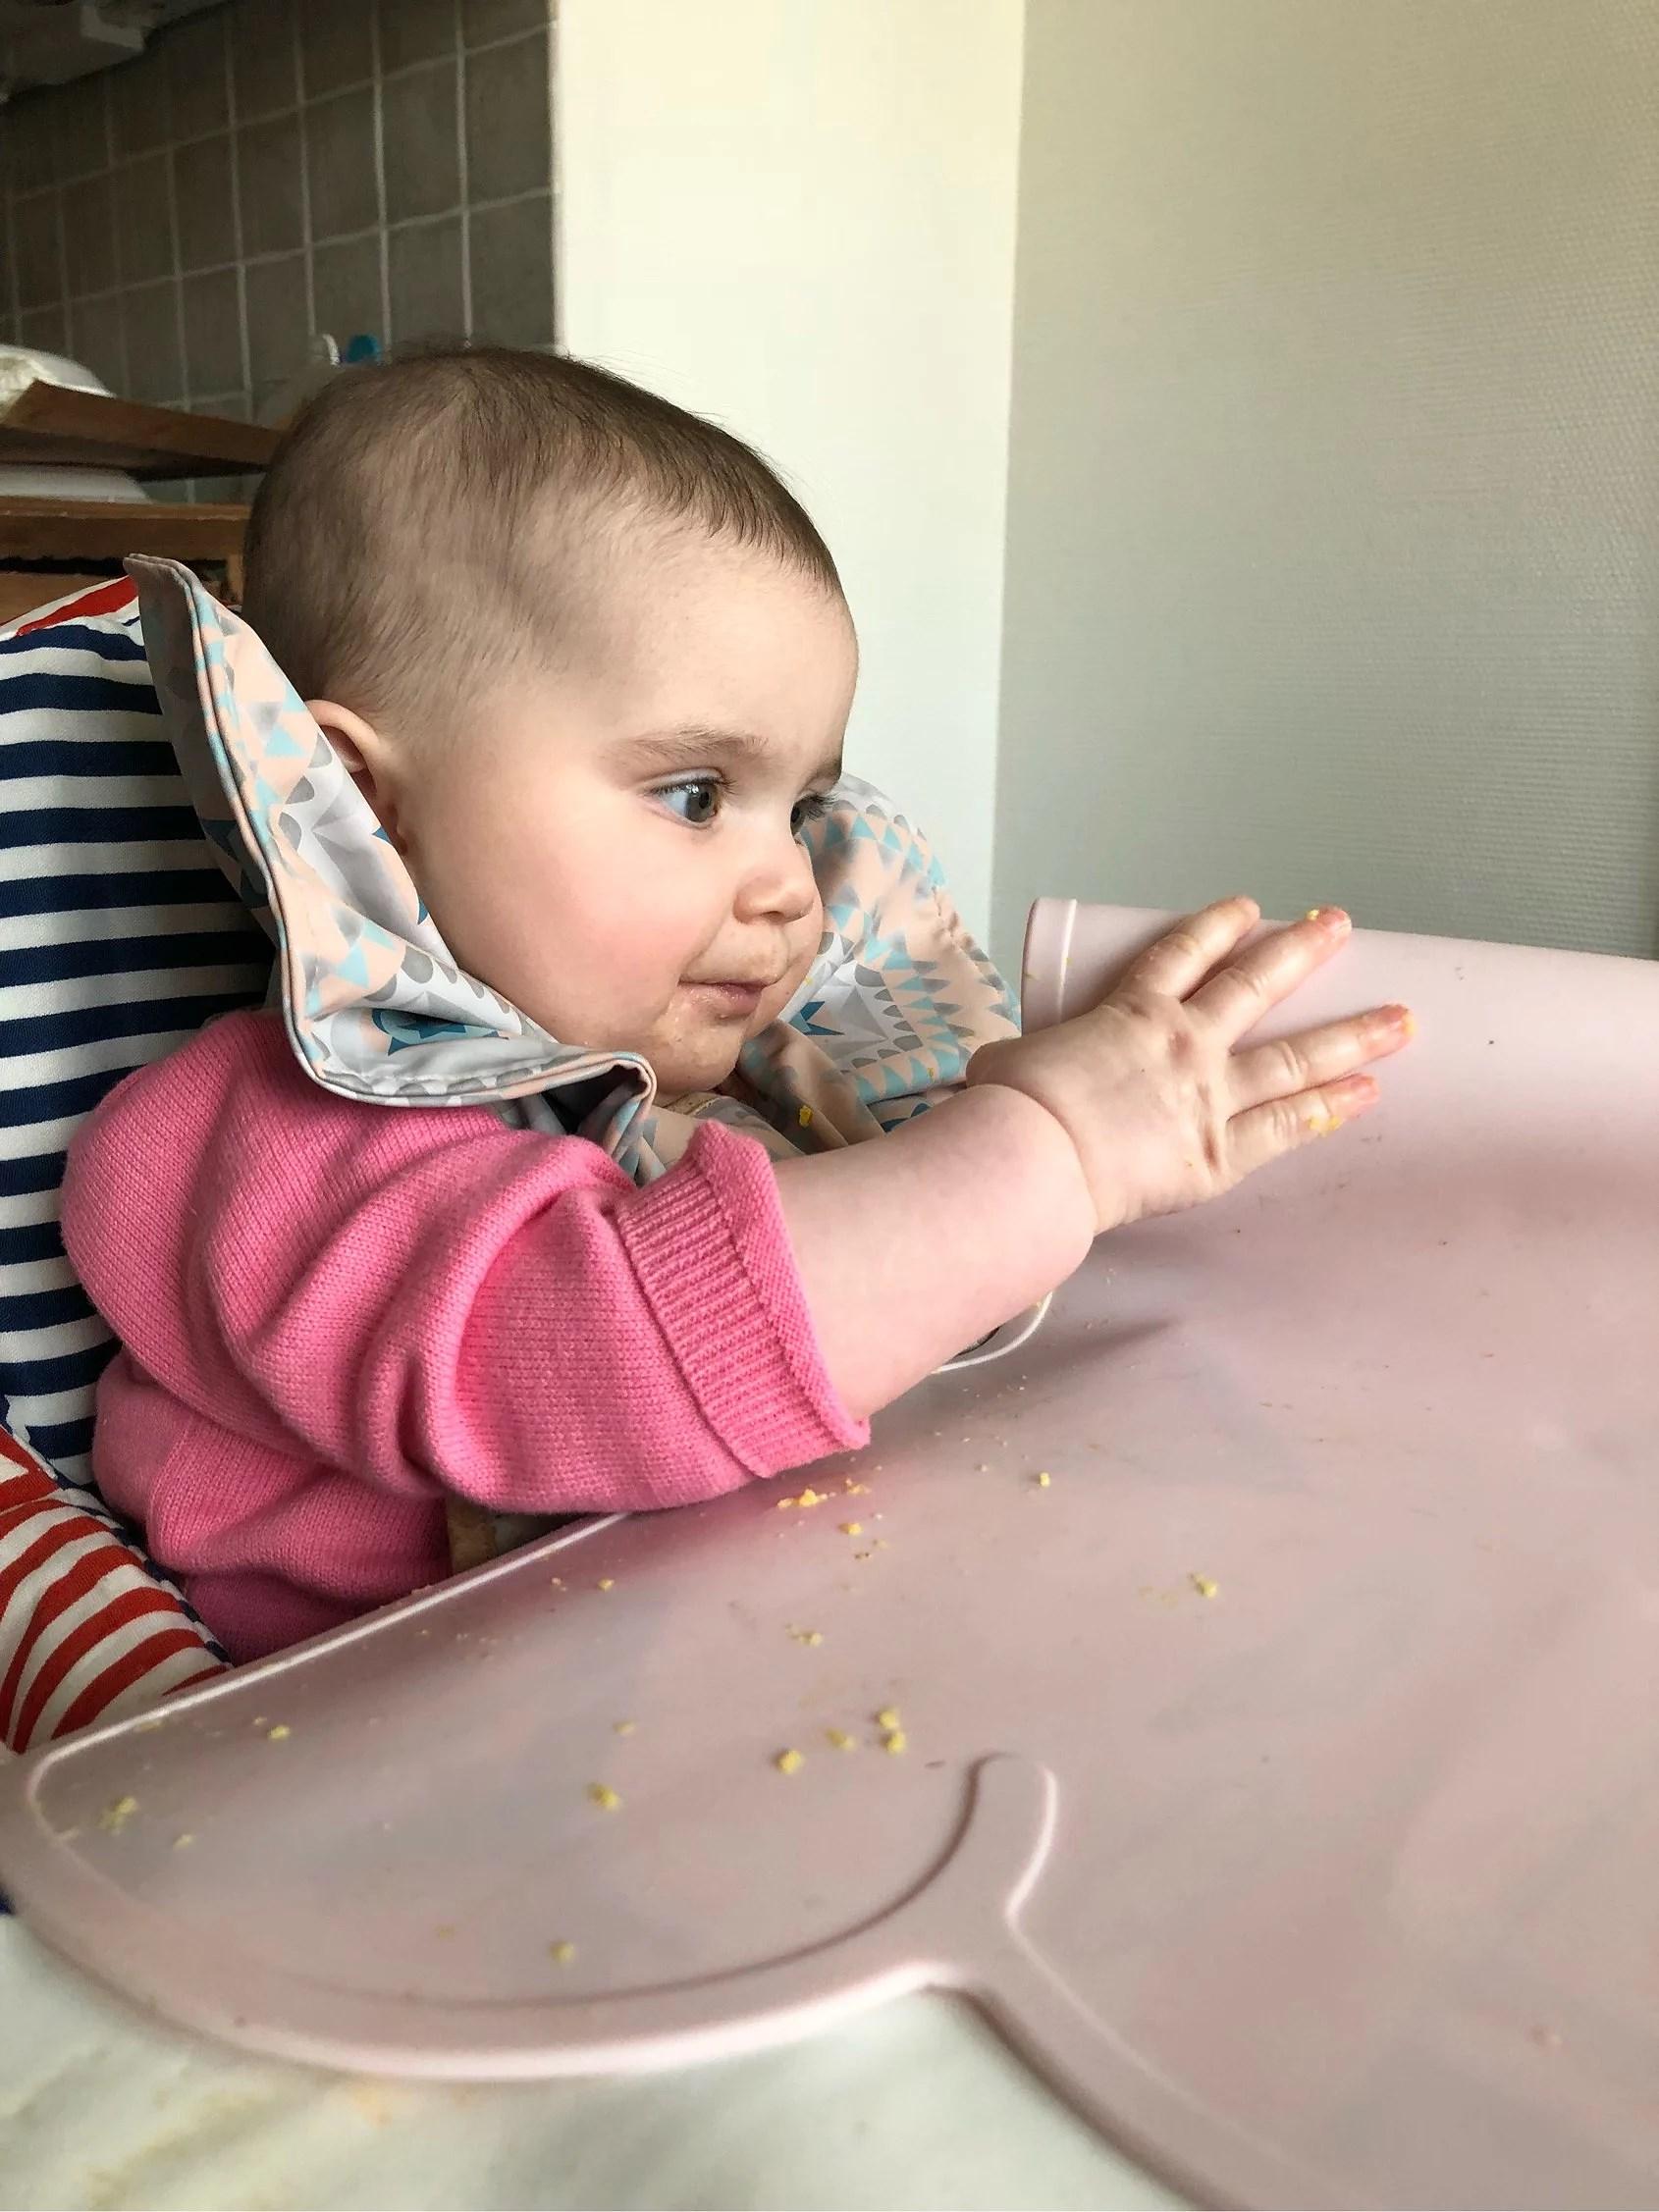 Inspekterar allt hon får tag i.